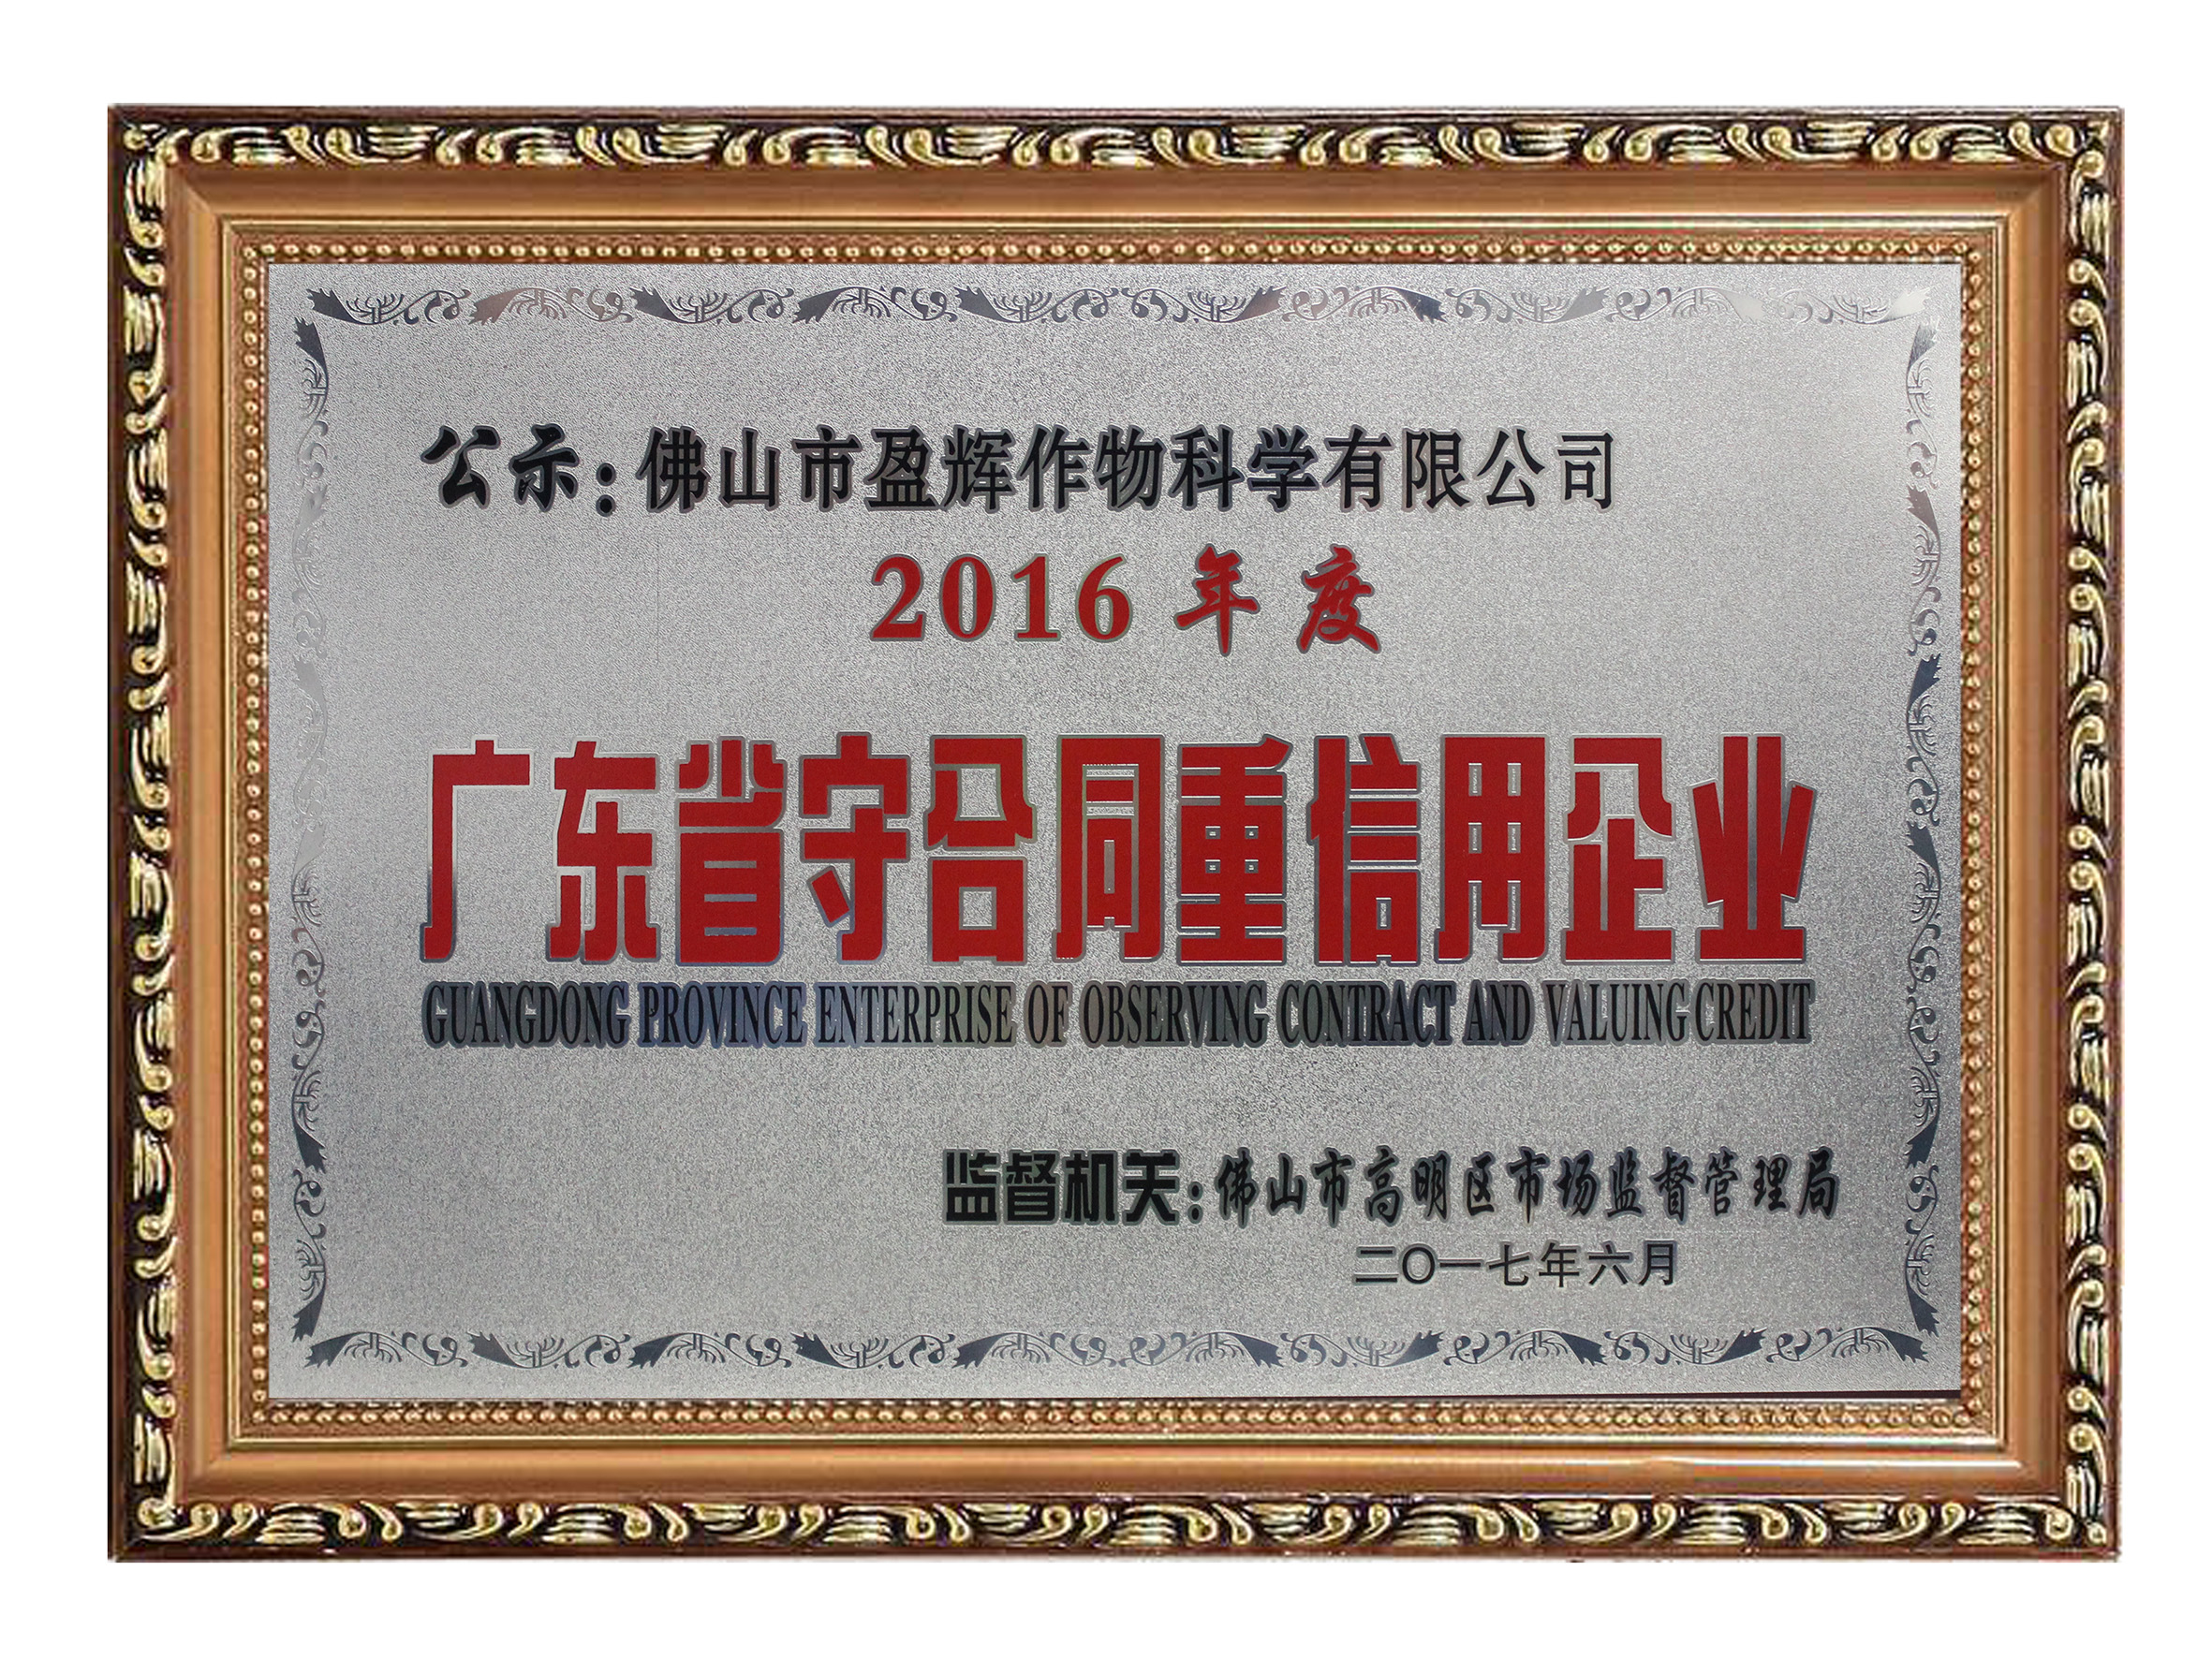 2016广东省守合同重信用企业